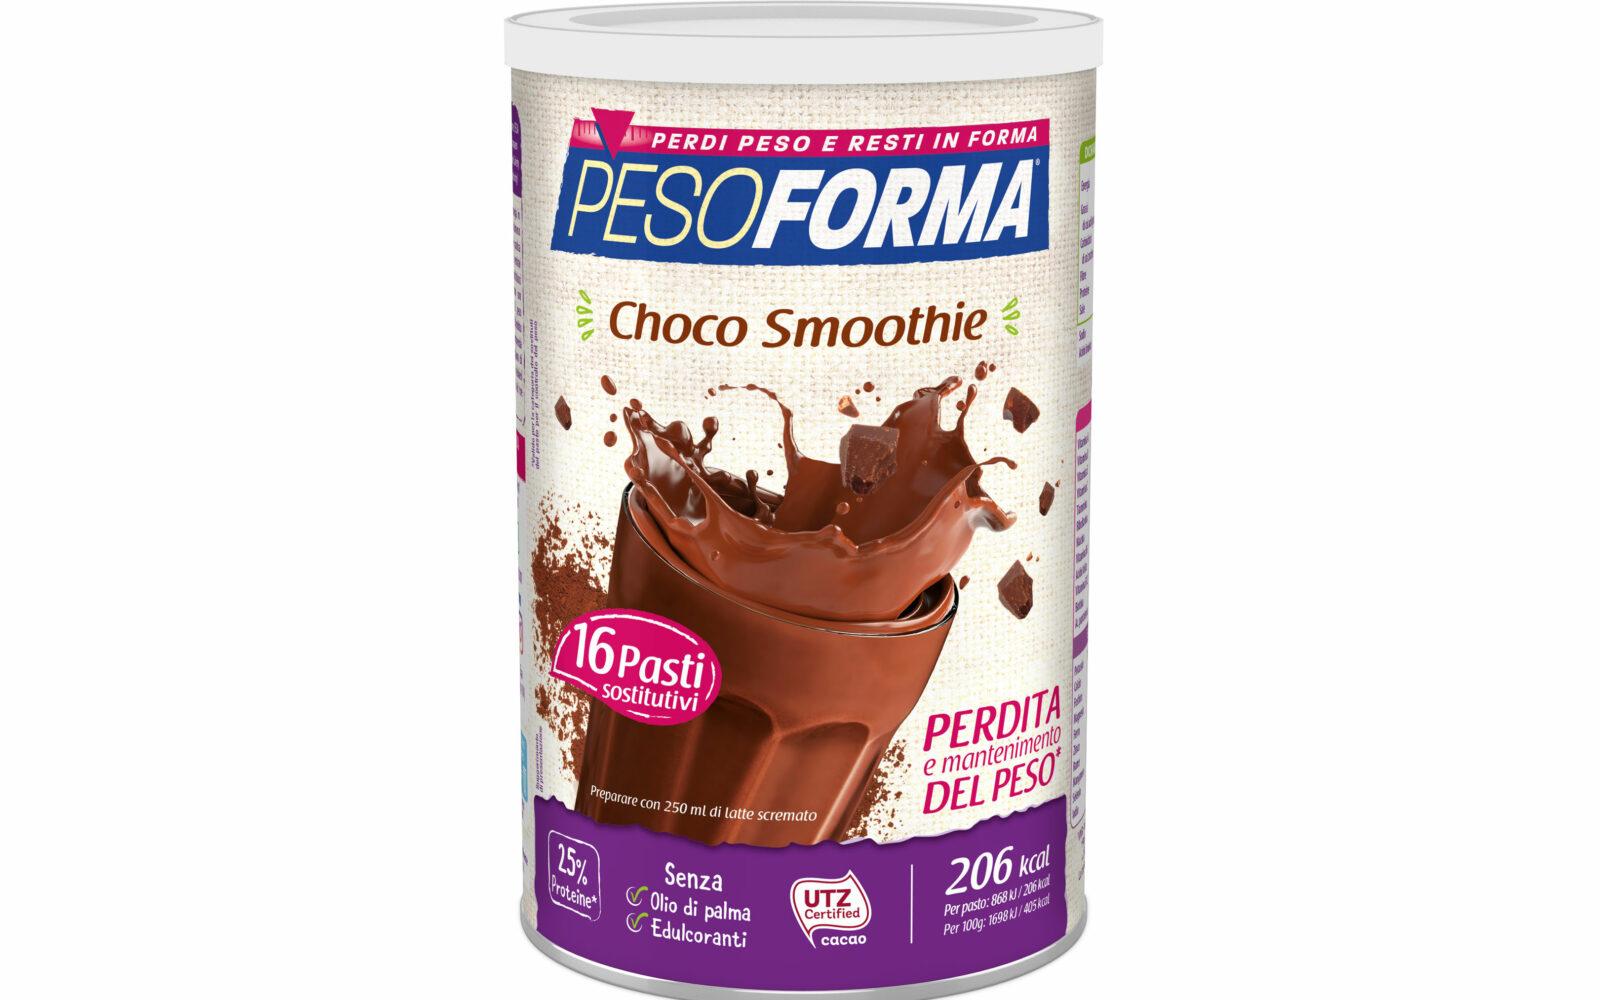 Pesoforma-Choco-Smoothie